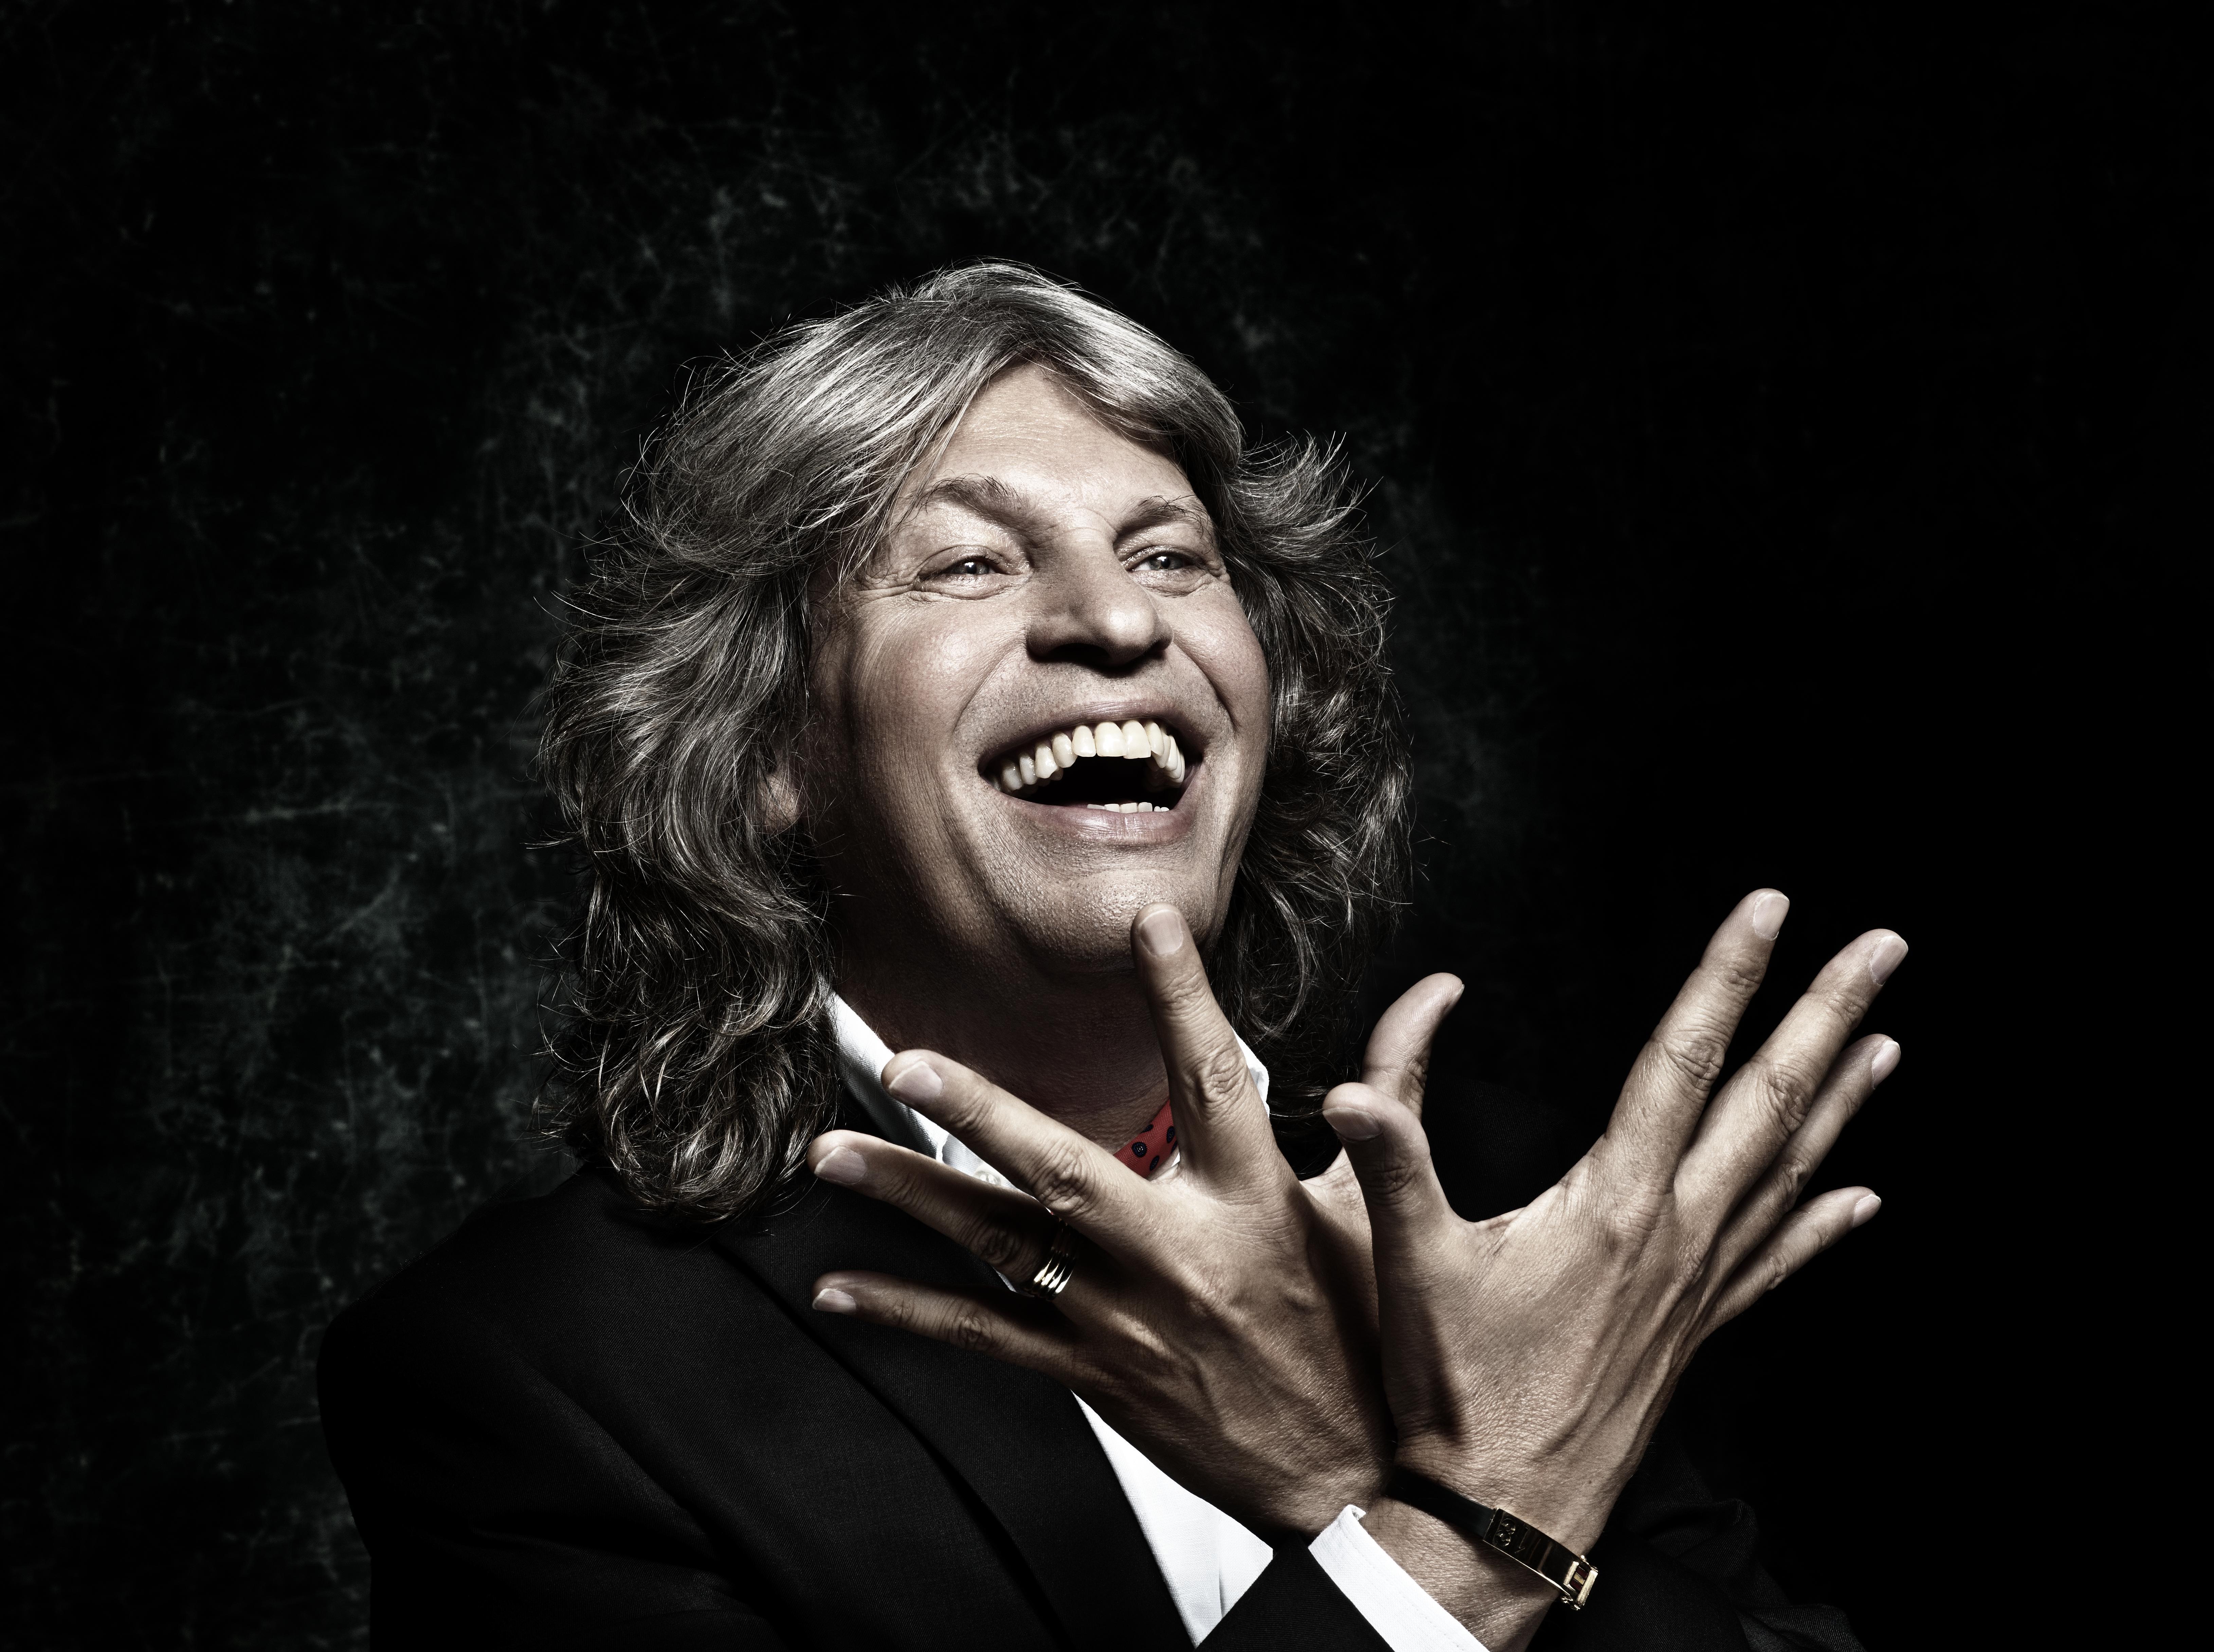 El cantaor jerezano José Mercé dará la bienvenida al 2015 junto a la Orquesta Sinfónica de Castilla y León, OSCyL, con un concierto en el interpretará junto a la agrupación […]